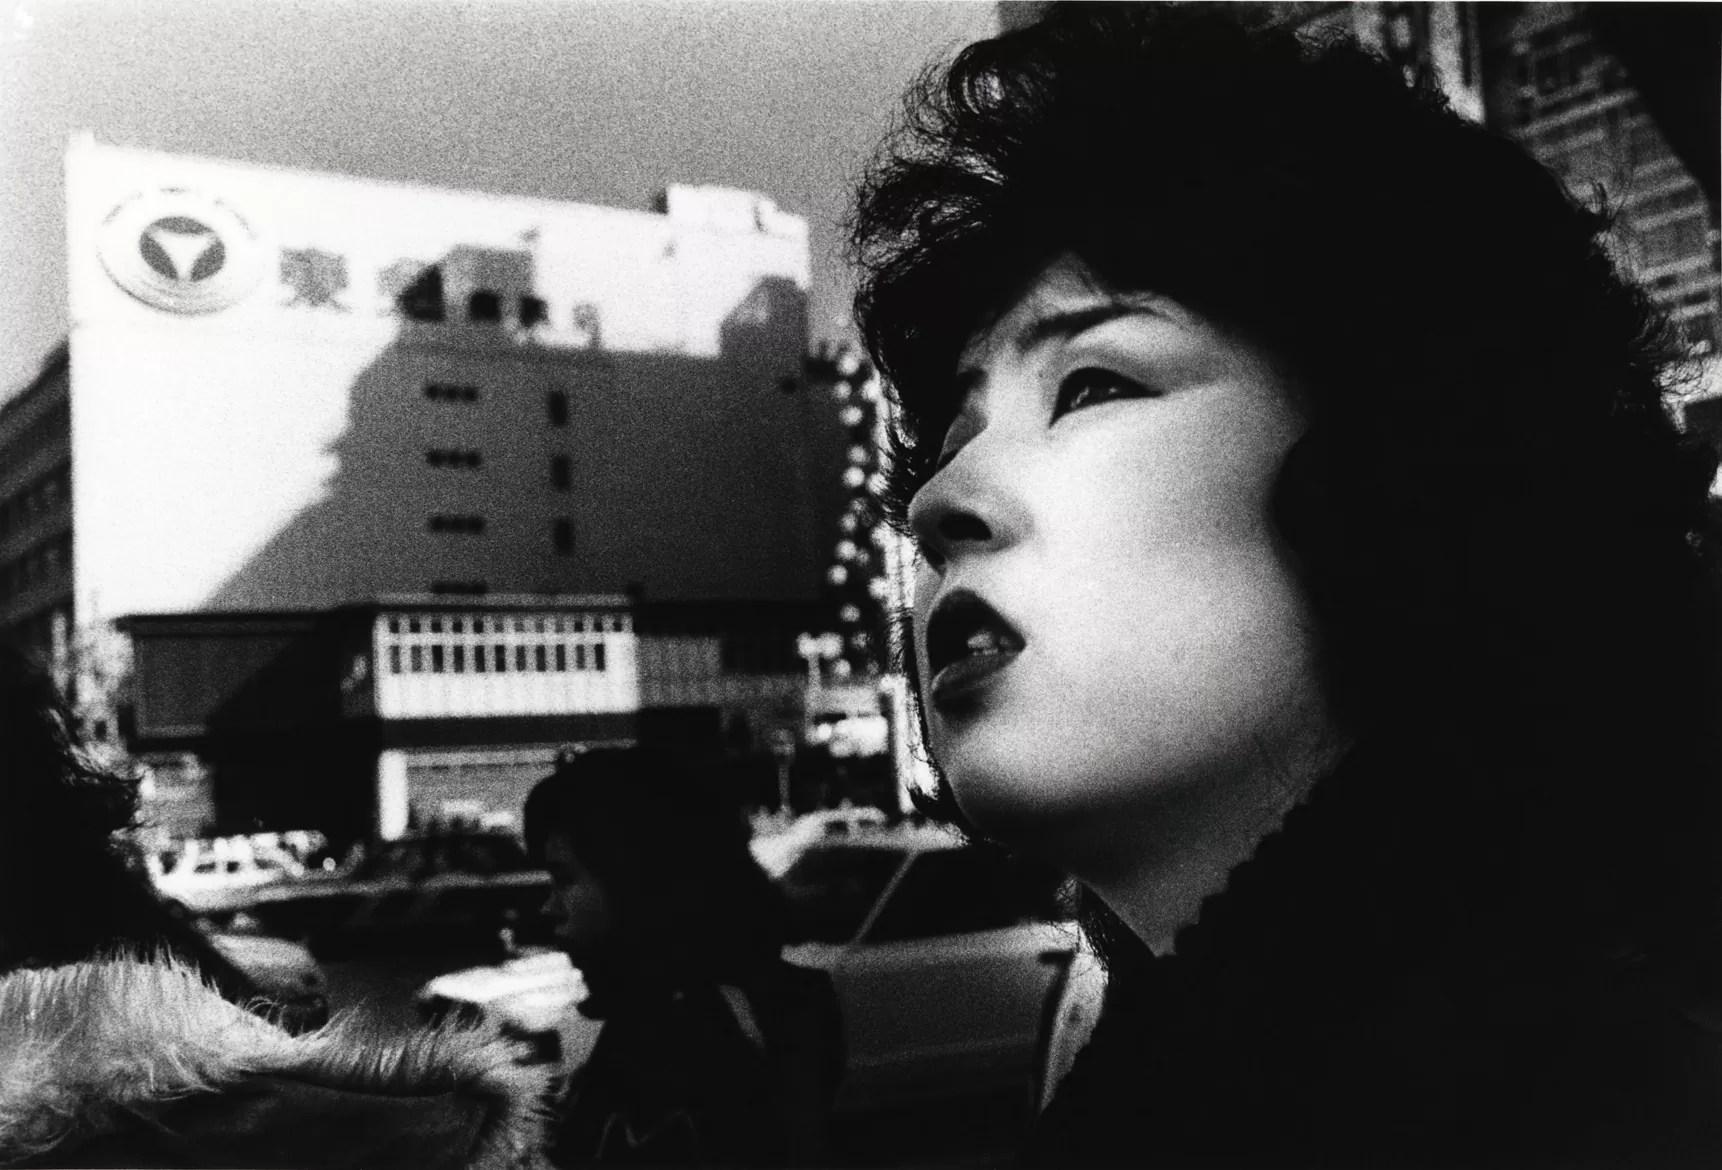 daido moriyama tokyo 1978 - Daido Moriyama  Street Photography - fotostreet.it